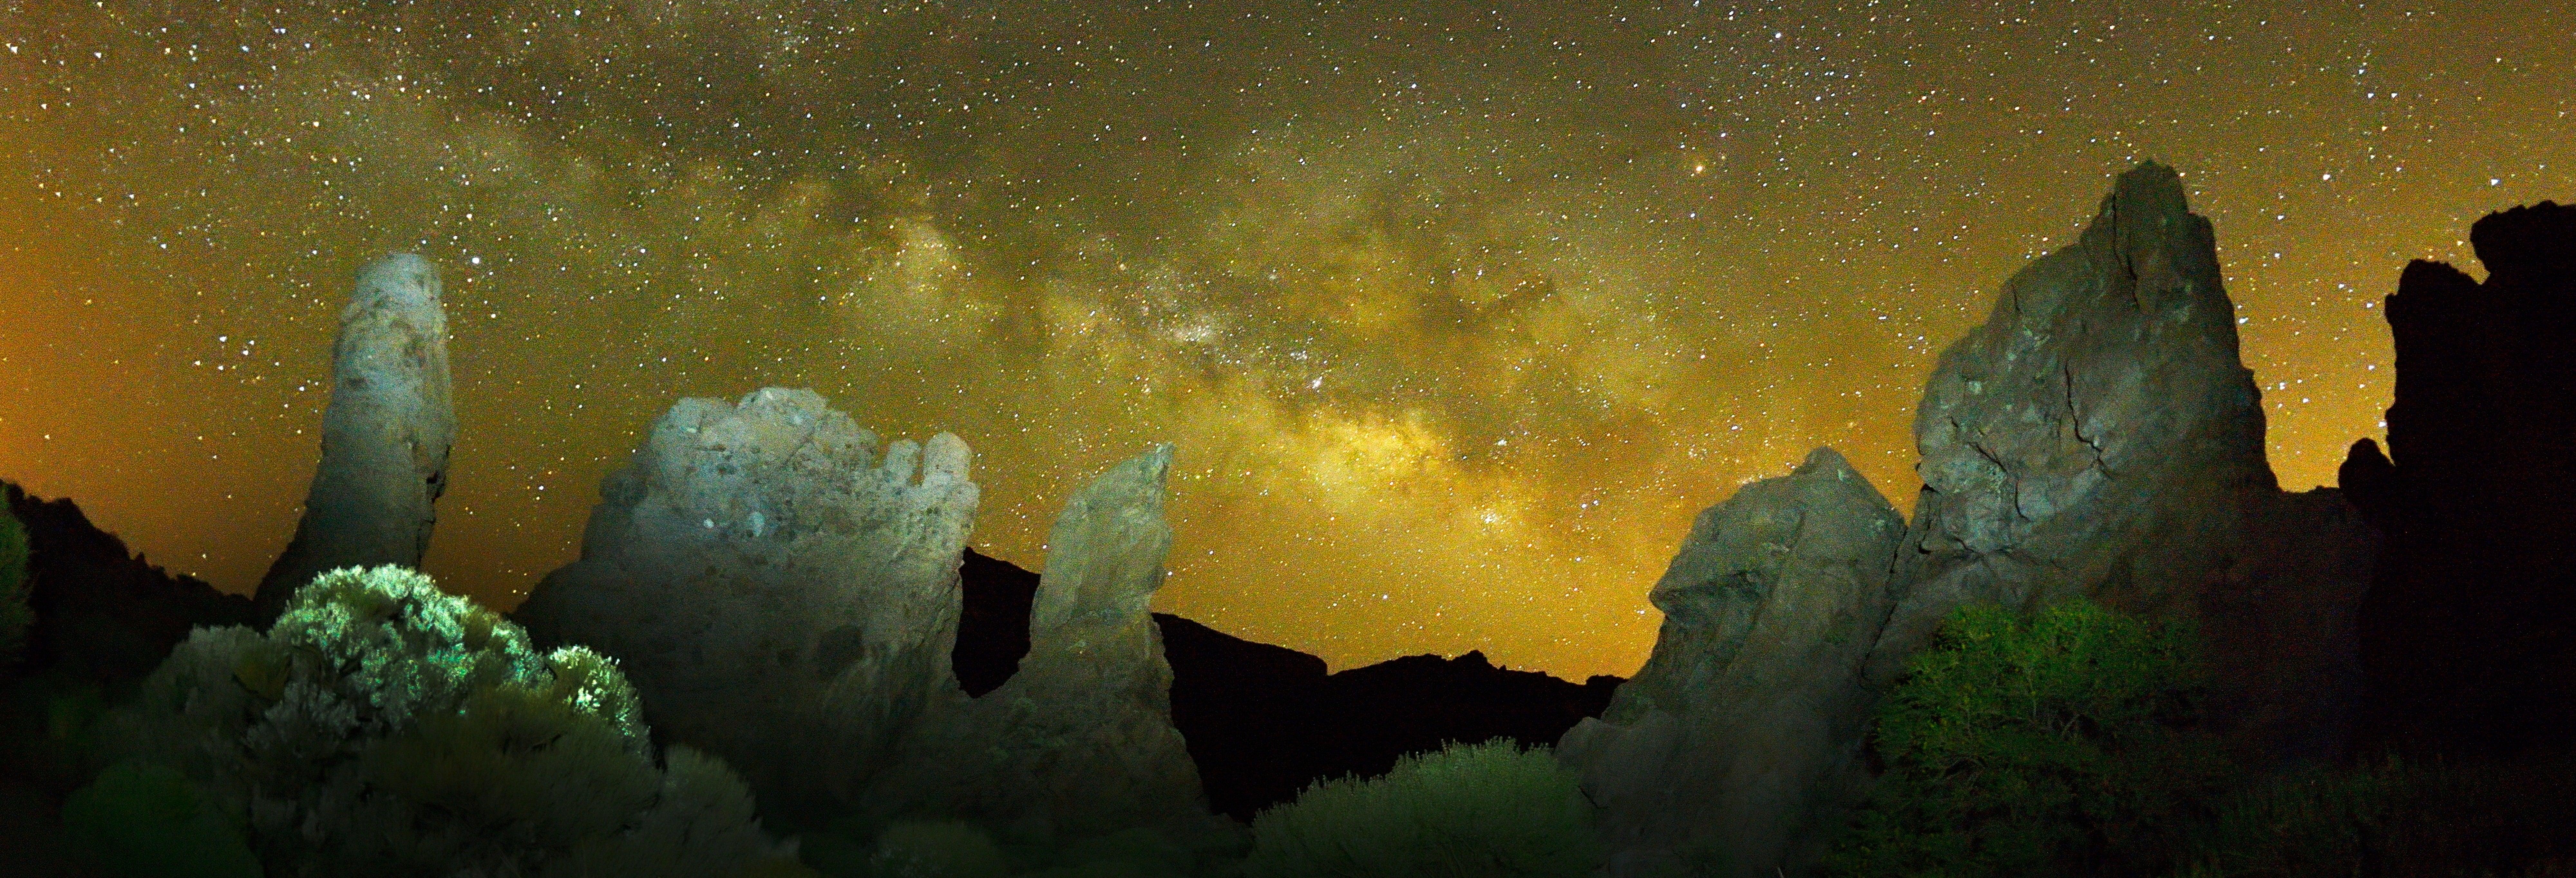 Senderismo nocturno por las Cañadas del Teide